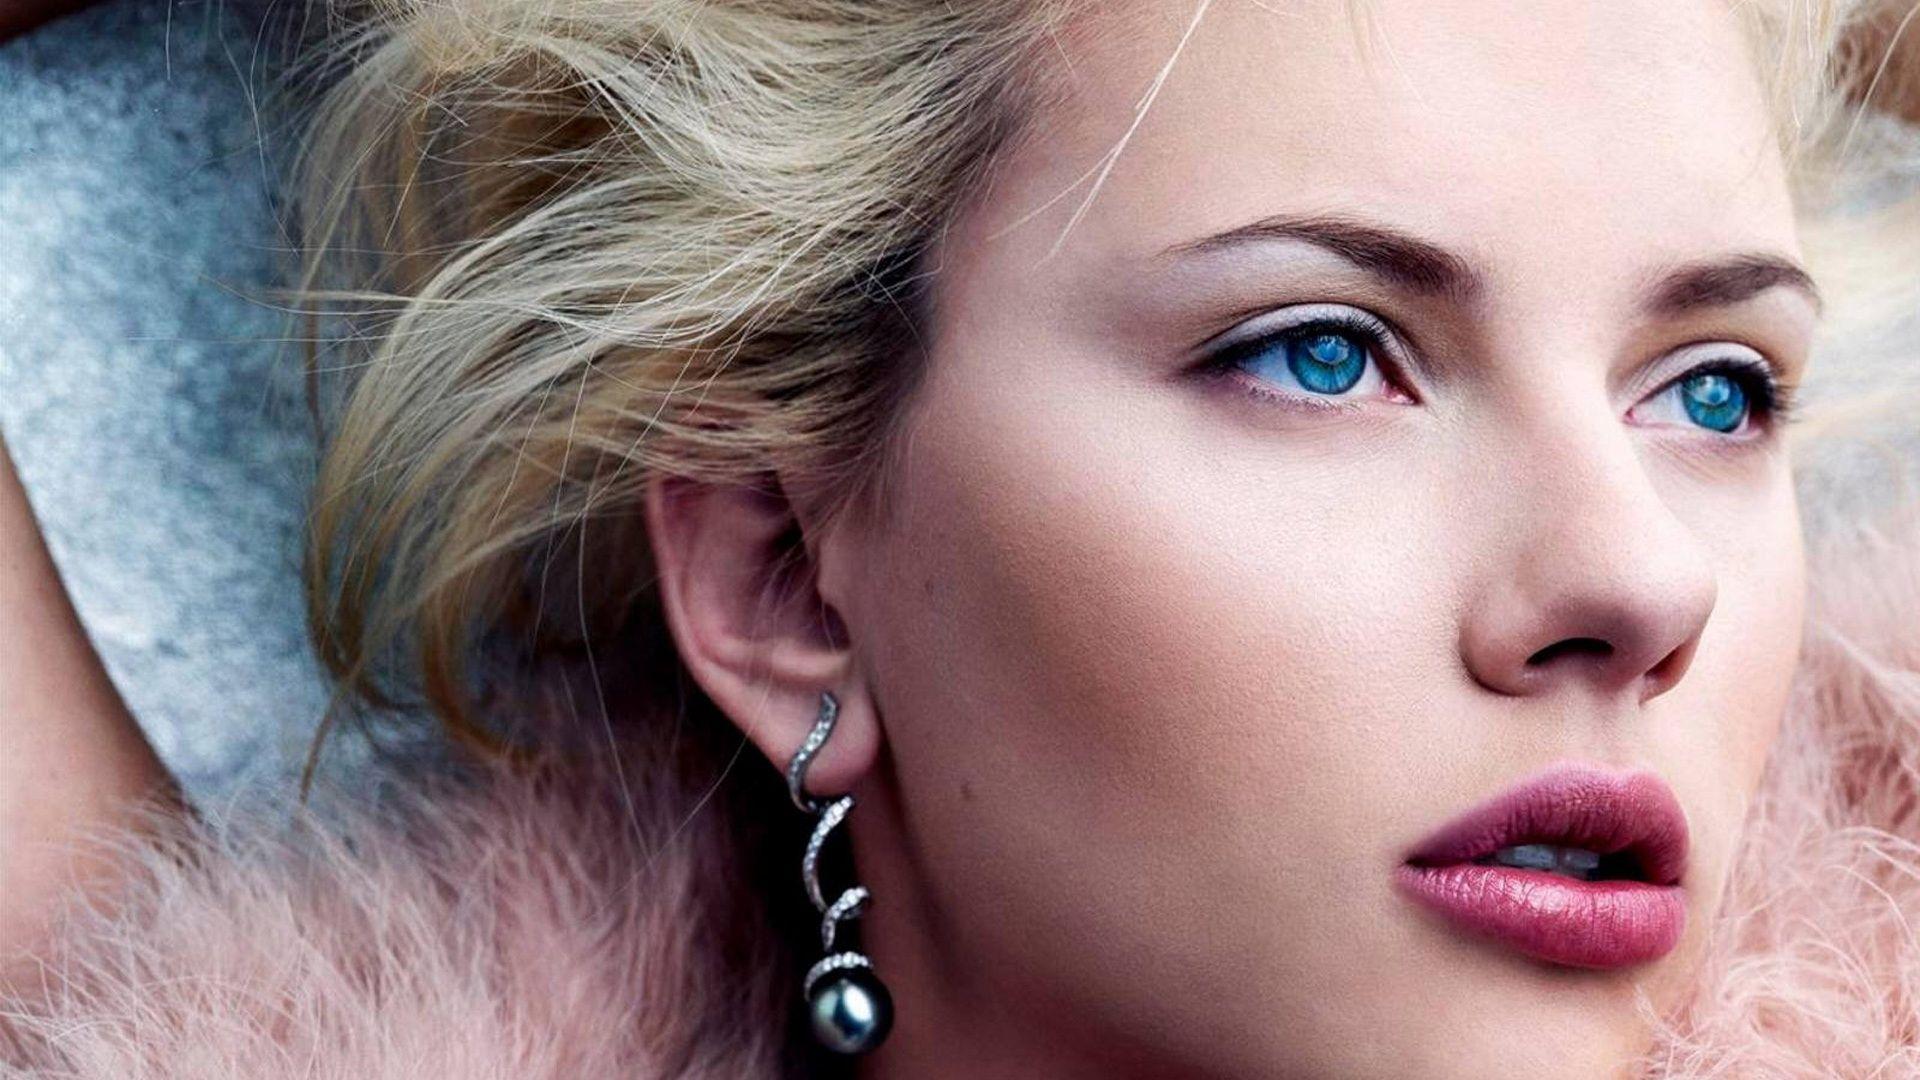 Scarlett Johansson Ghost in the Shell Wallpapers in jpg